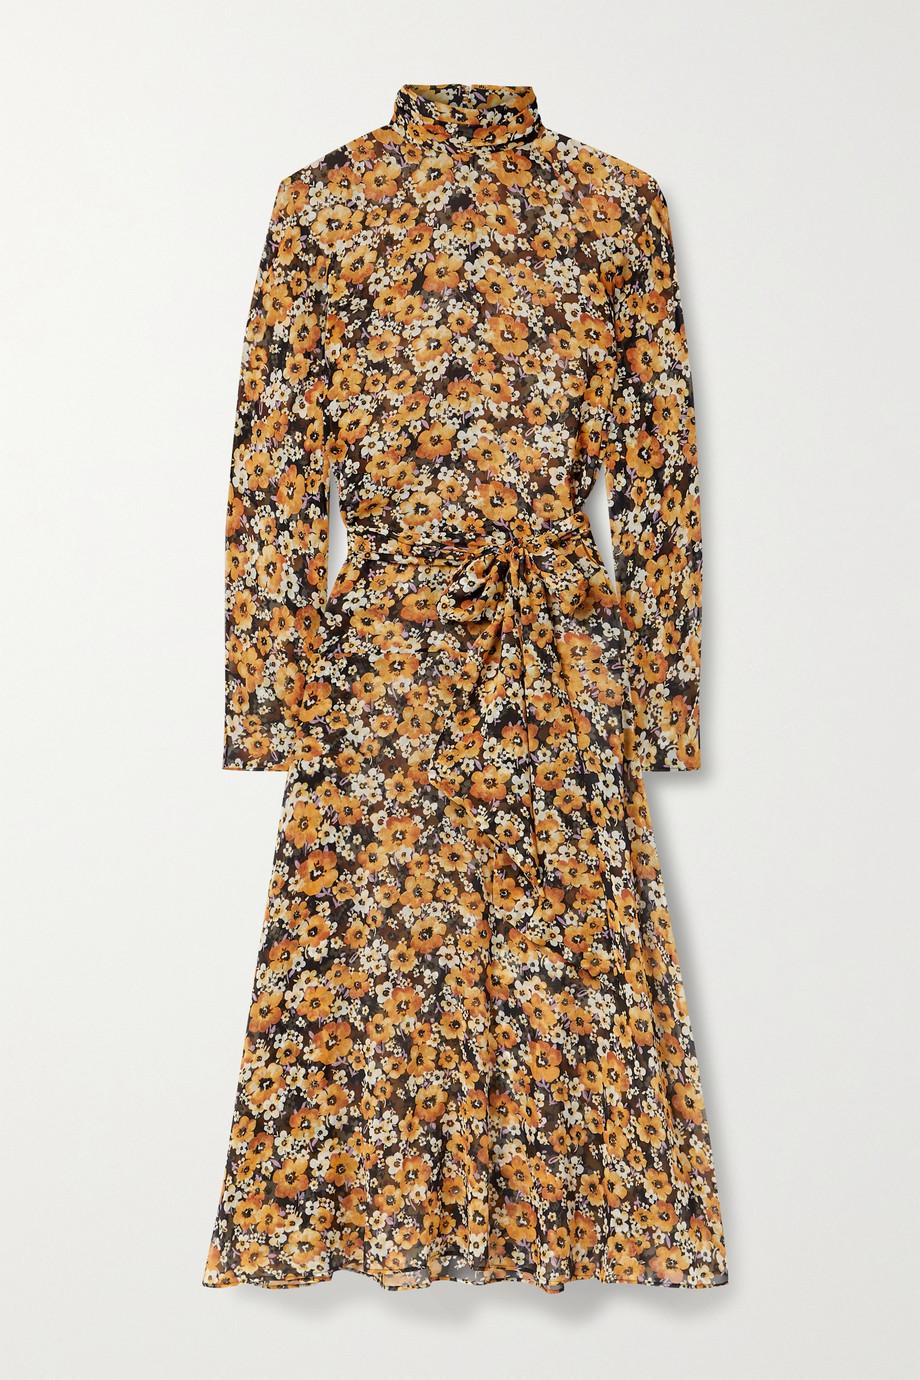 SAINT LAURENT Robe midi en mousseline de soie à imprimé fleuri et à ceinture